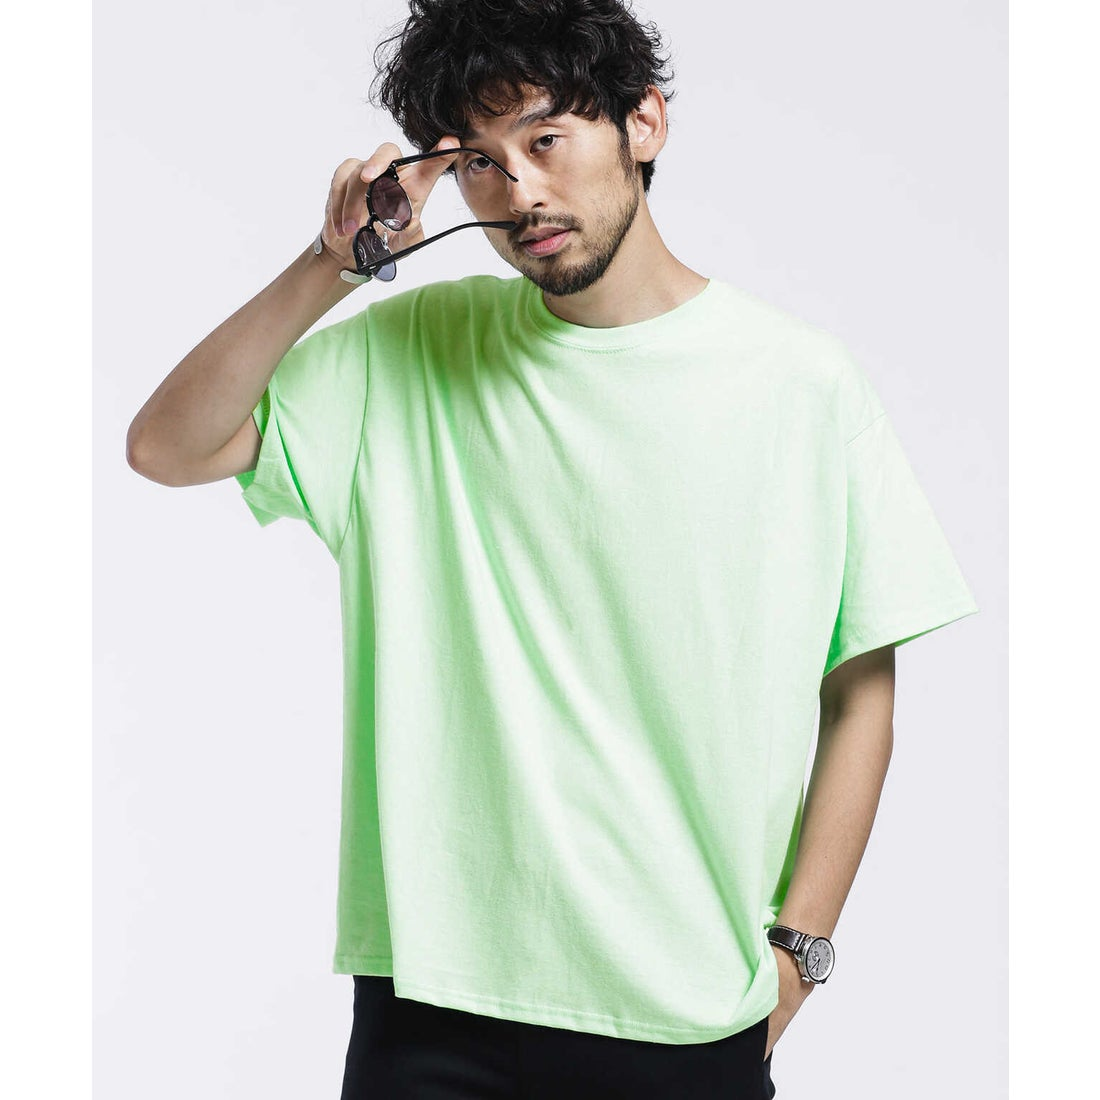 GILDANビッグシルエットリメイクTシャツ/半袖 ミント2